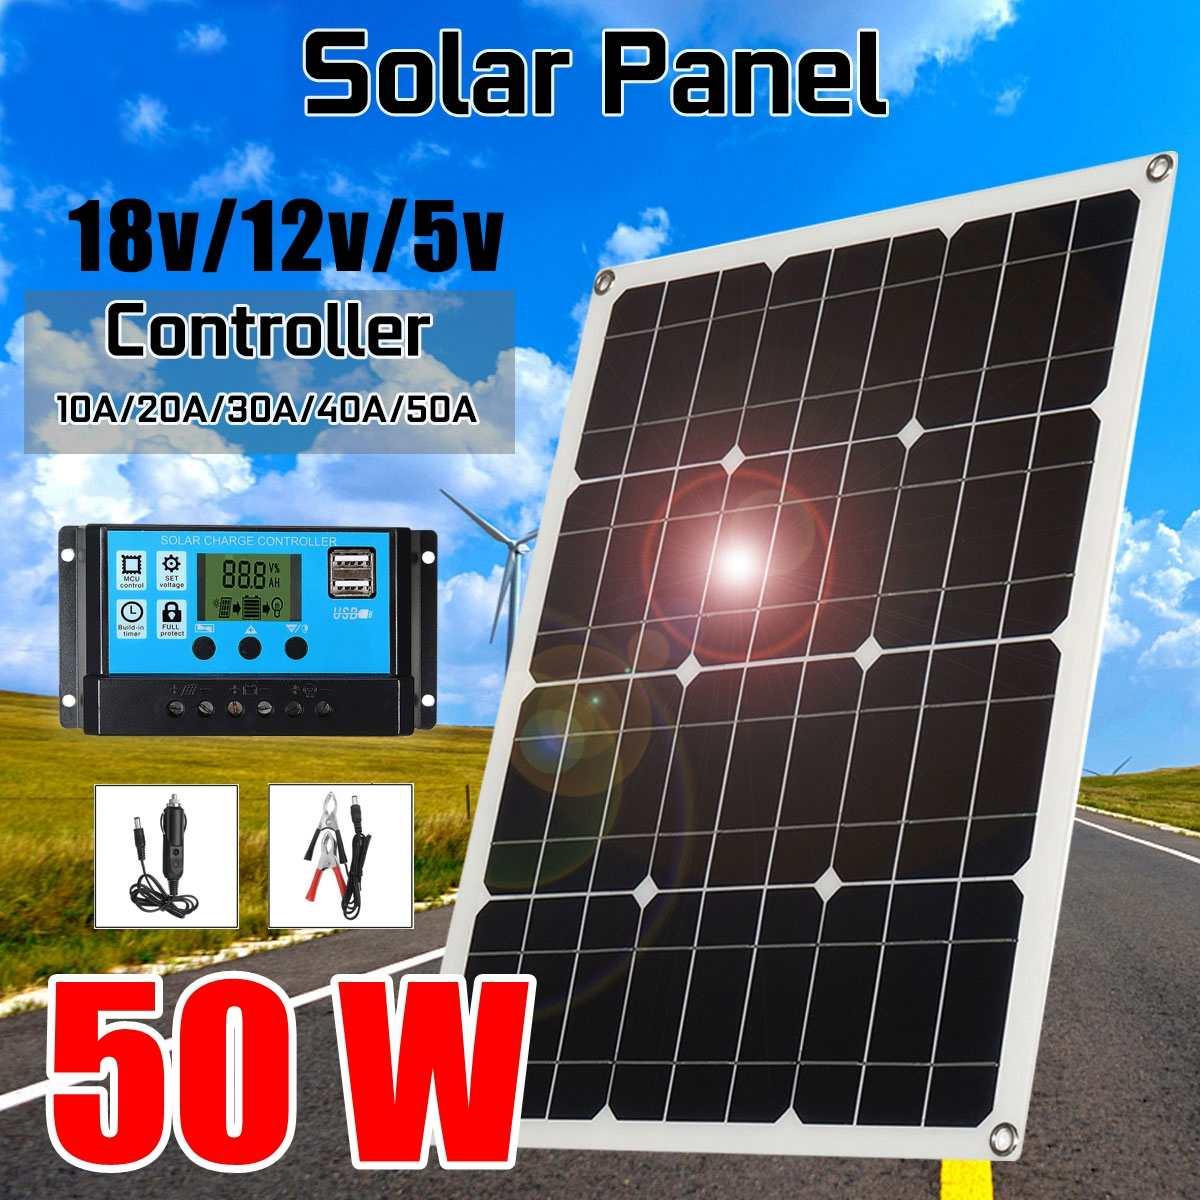 Module de cellule solaire de panneau solaire de 50 W 2 USB + contrôleur de 10/20/30/40/50A pour le Yacht de voiture lumière LED chargeur extérieur de bateau de batterie de 12 V